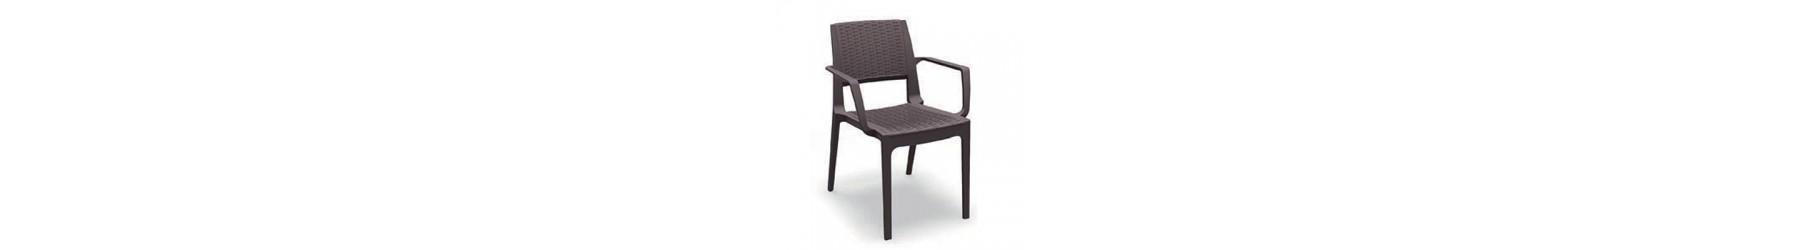 Καρέκλες με δομή από συνθετικό PVC σε μοντέρνα σχέδια